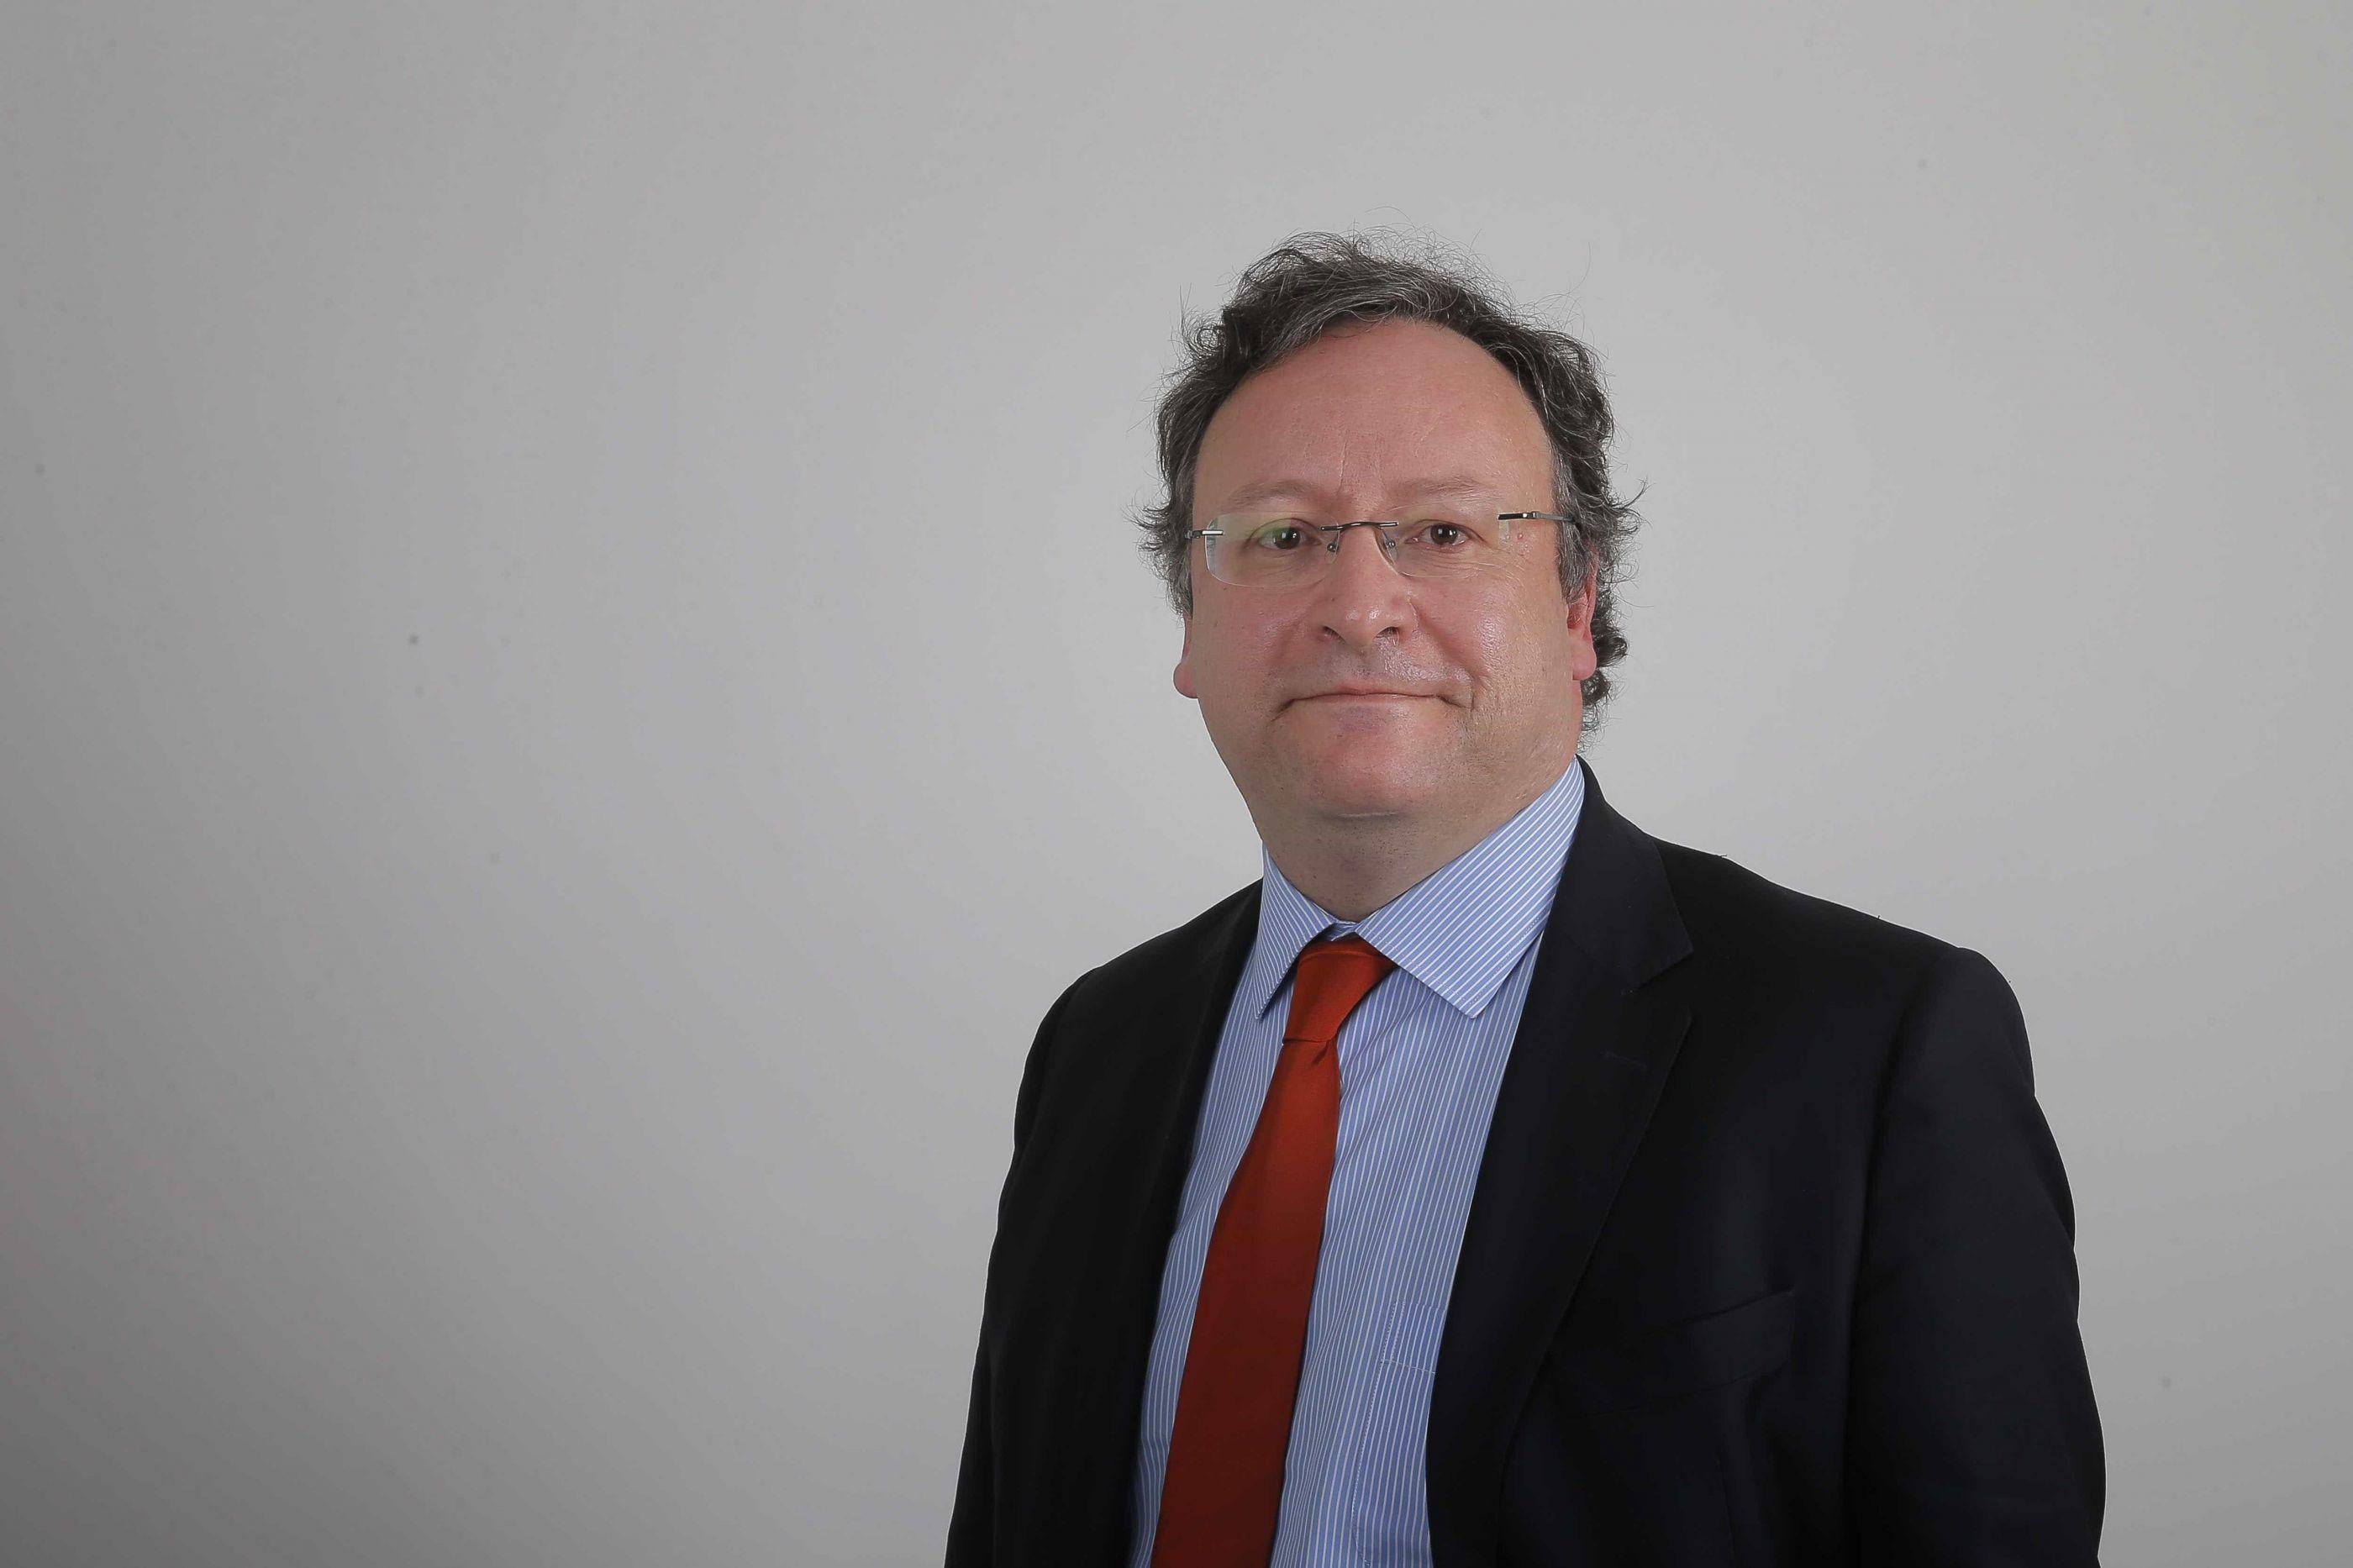 Impedido de participar em debate, Francisco Assis demite-se de cargo